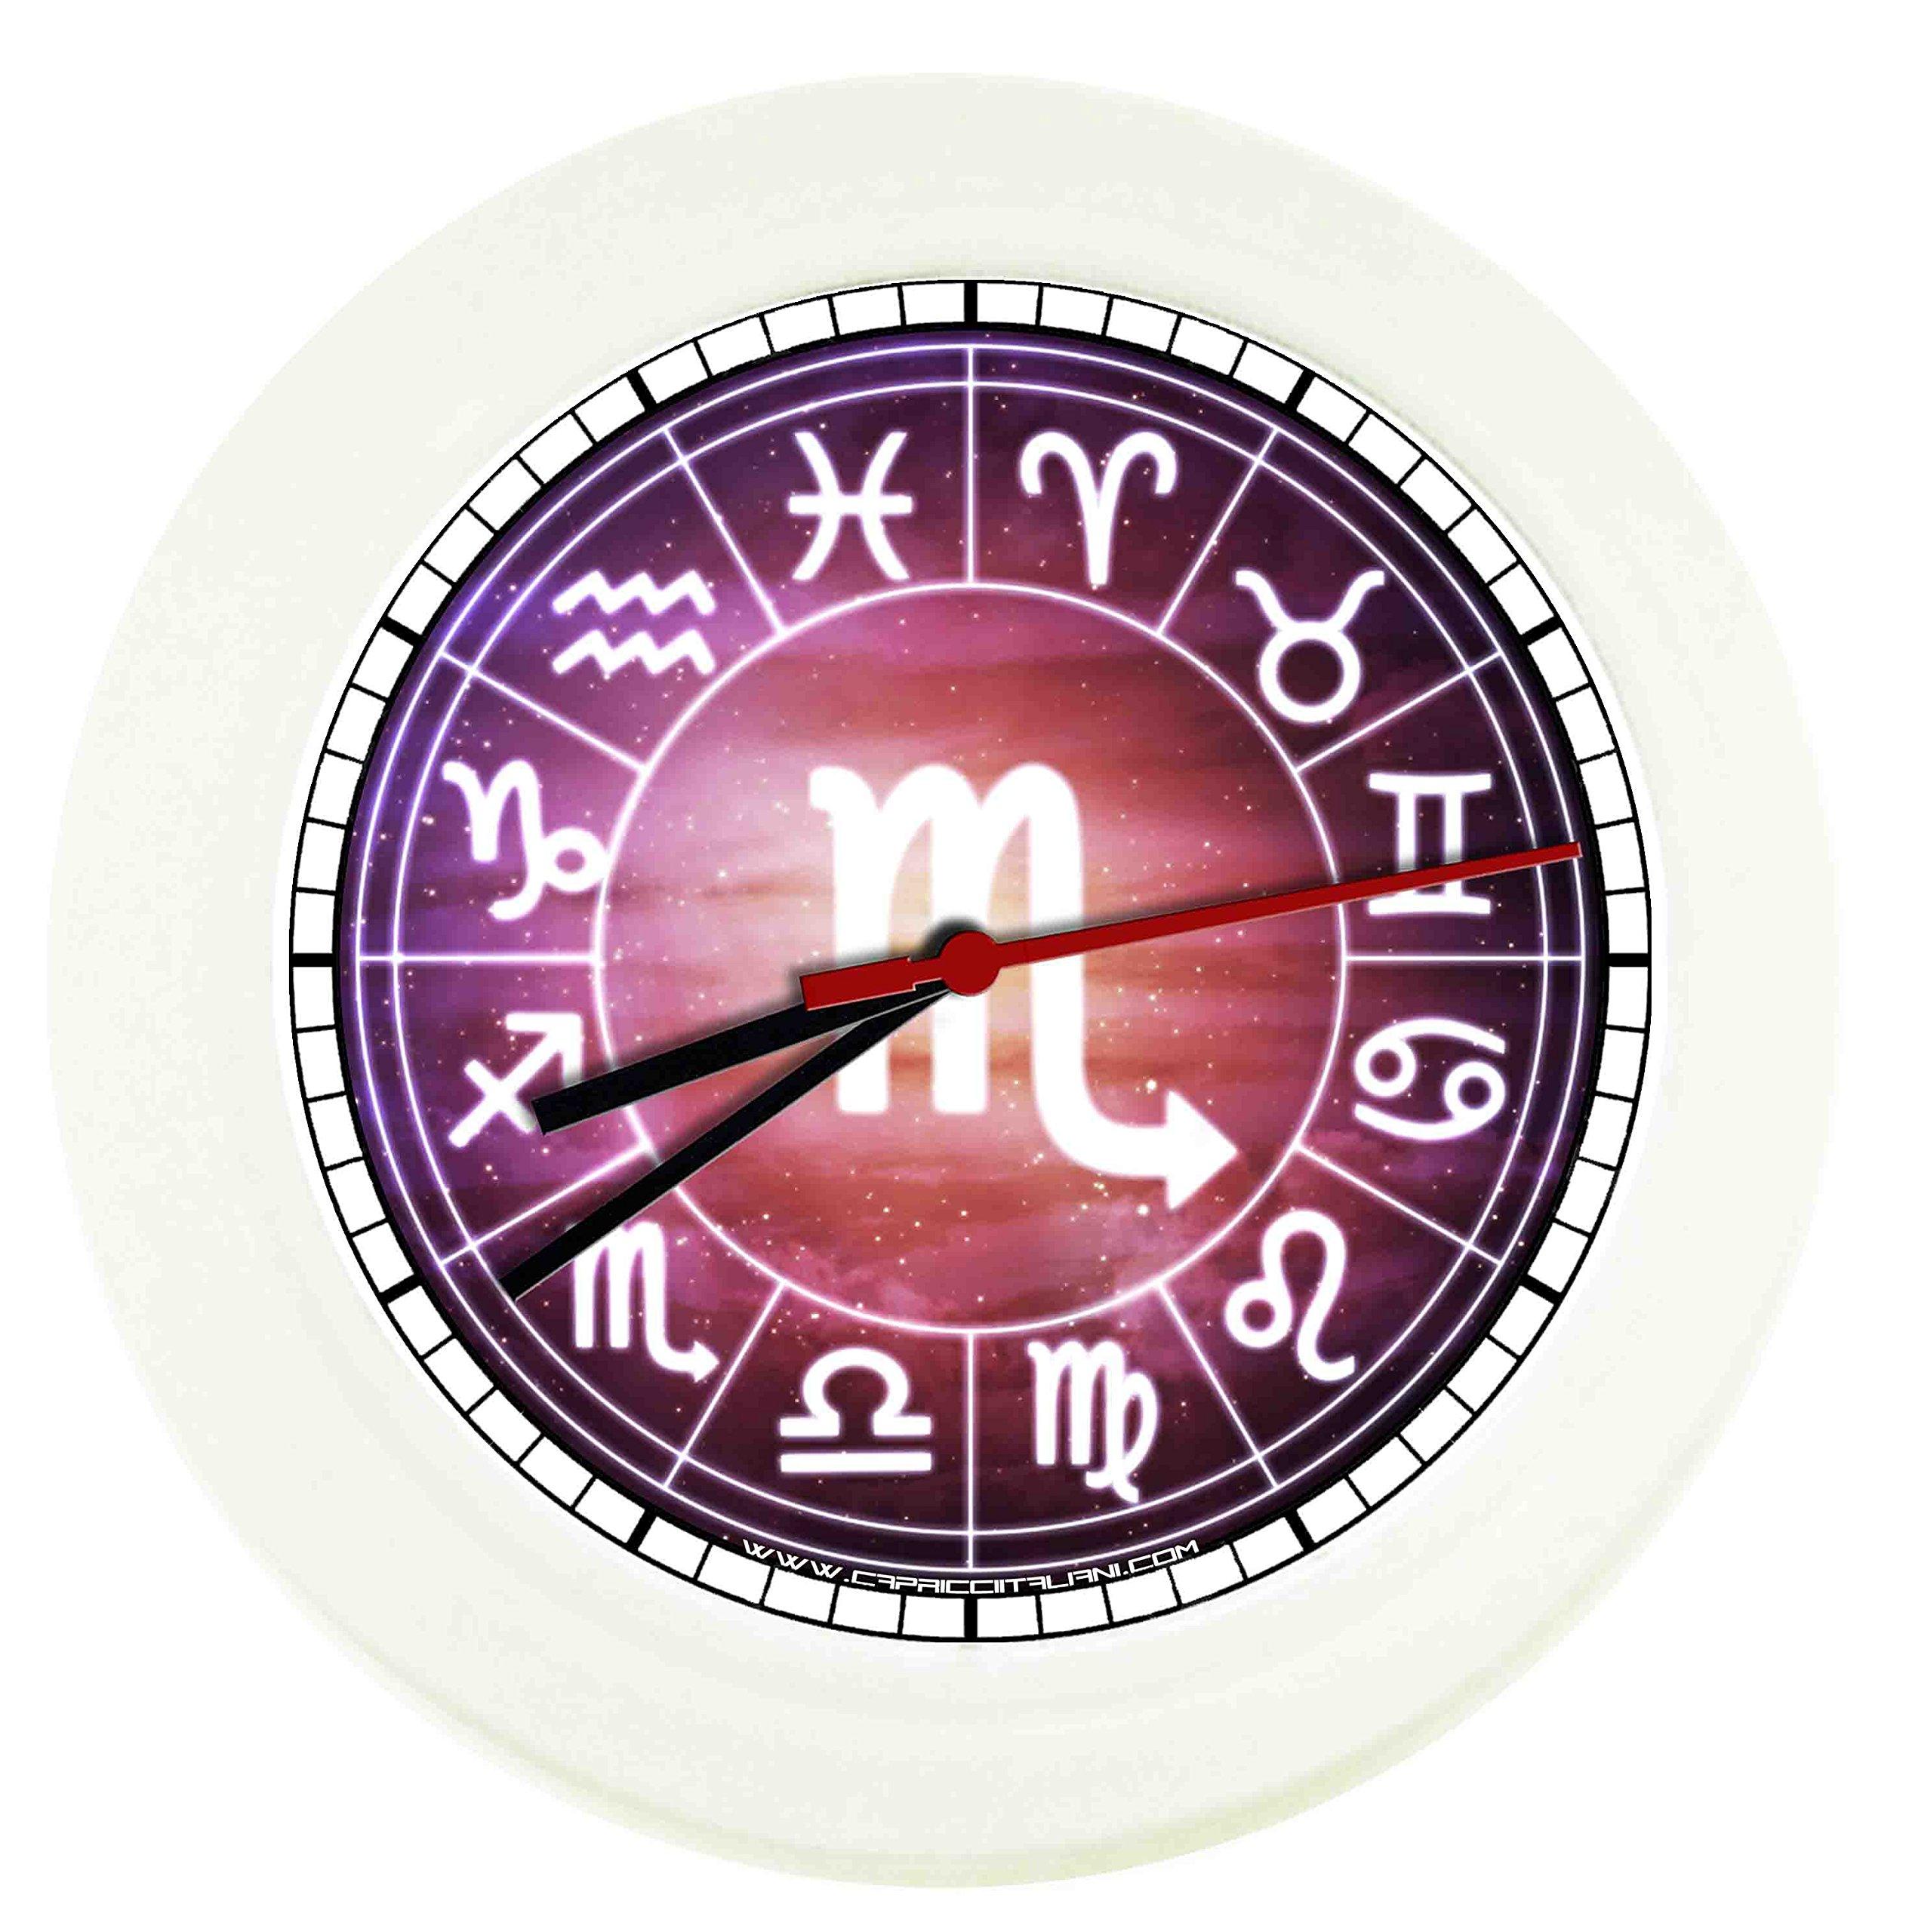 Orologio da parete segno zodiacale scorpione